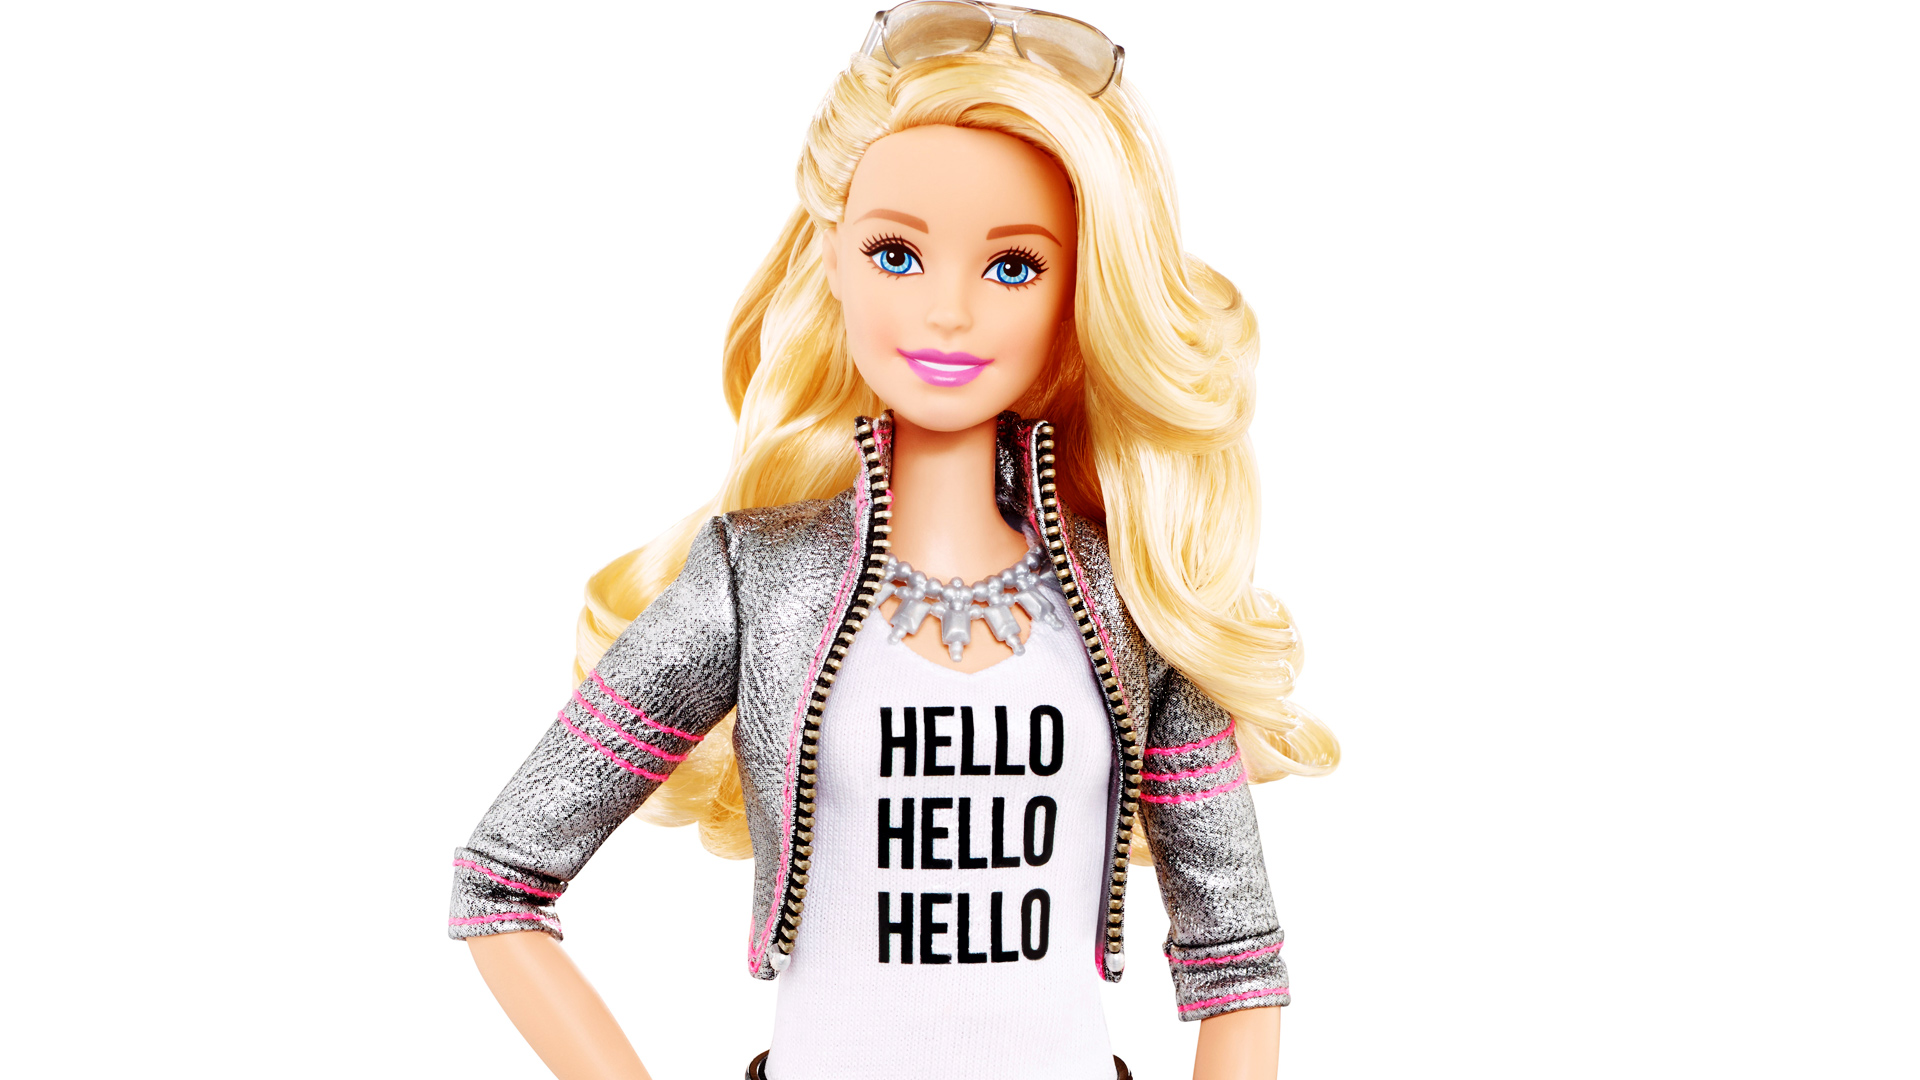 hello- barbie-muñeca-con-wifi-riesgo-privacidad-niños-niñas